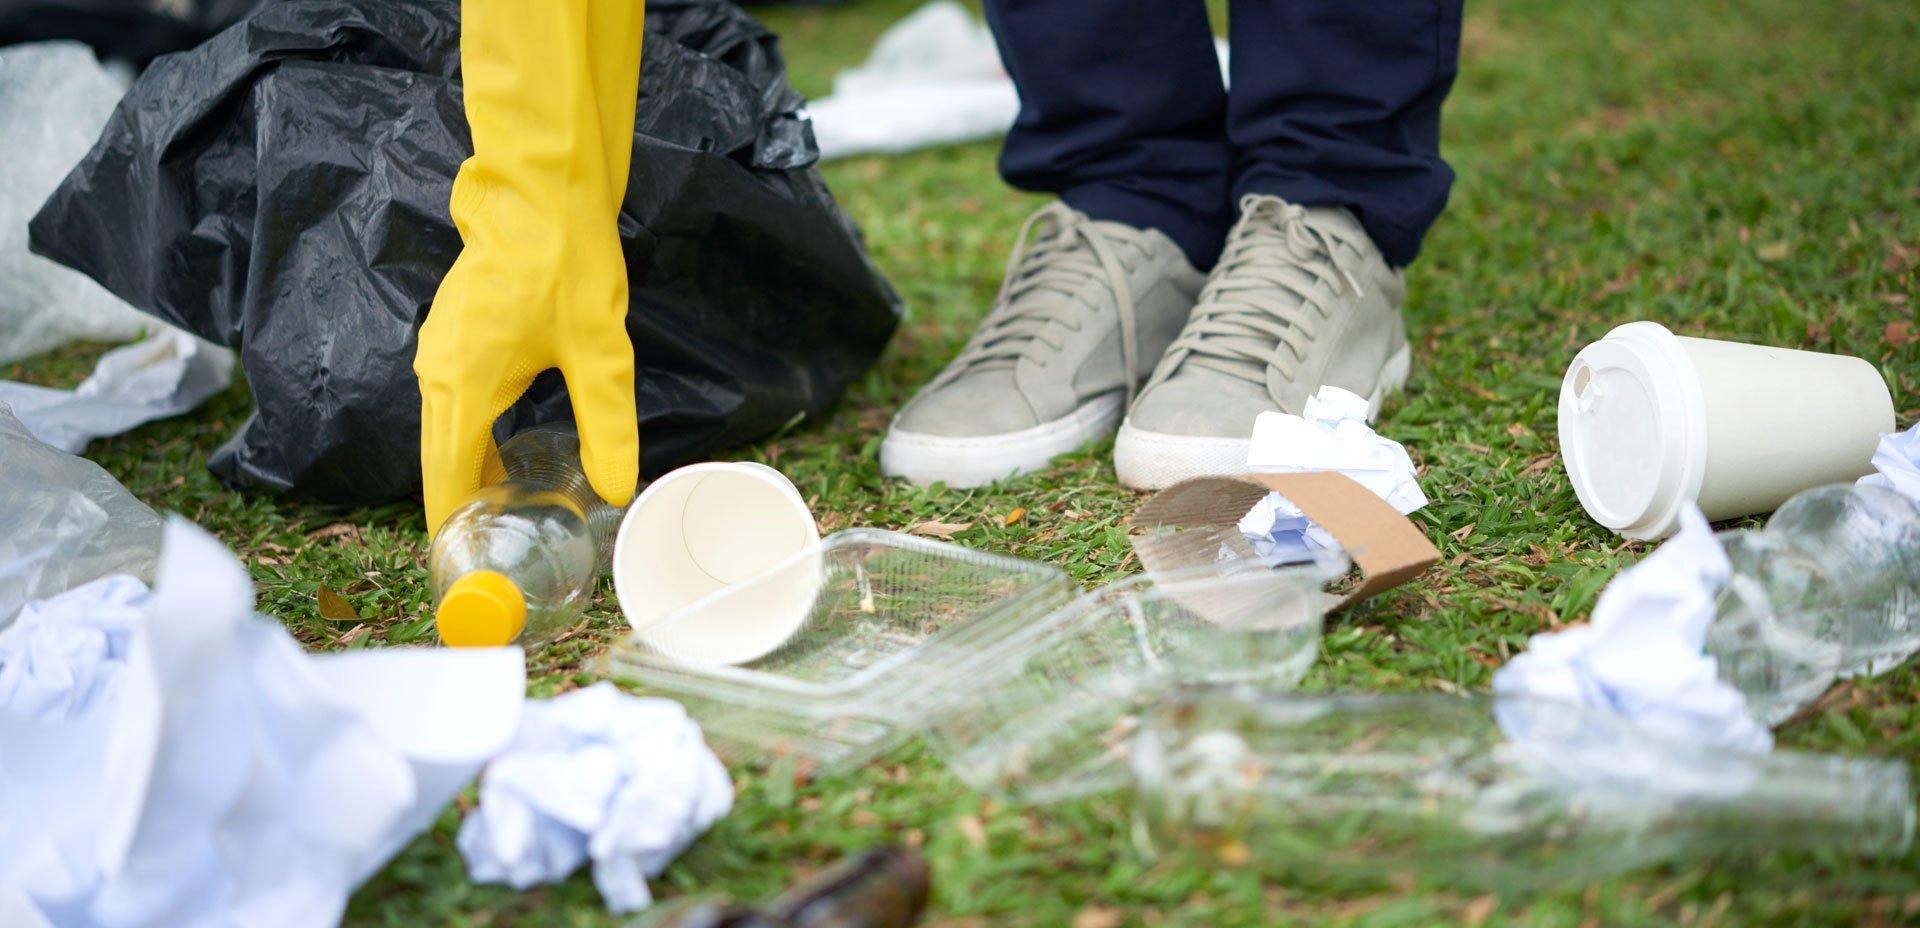 pulizie di spazi urbani